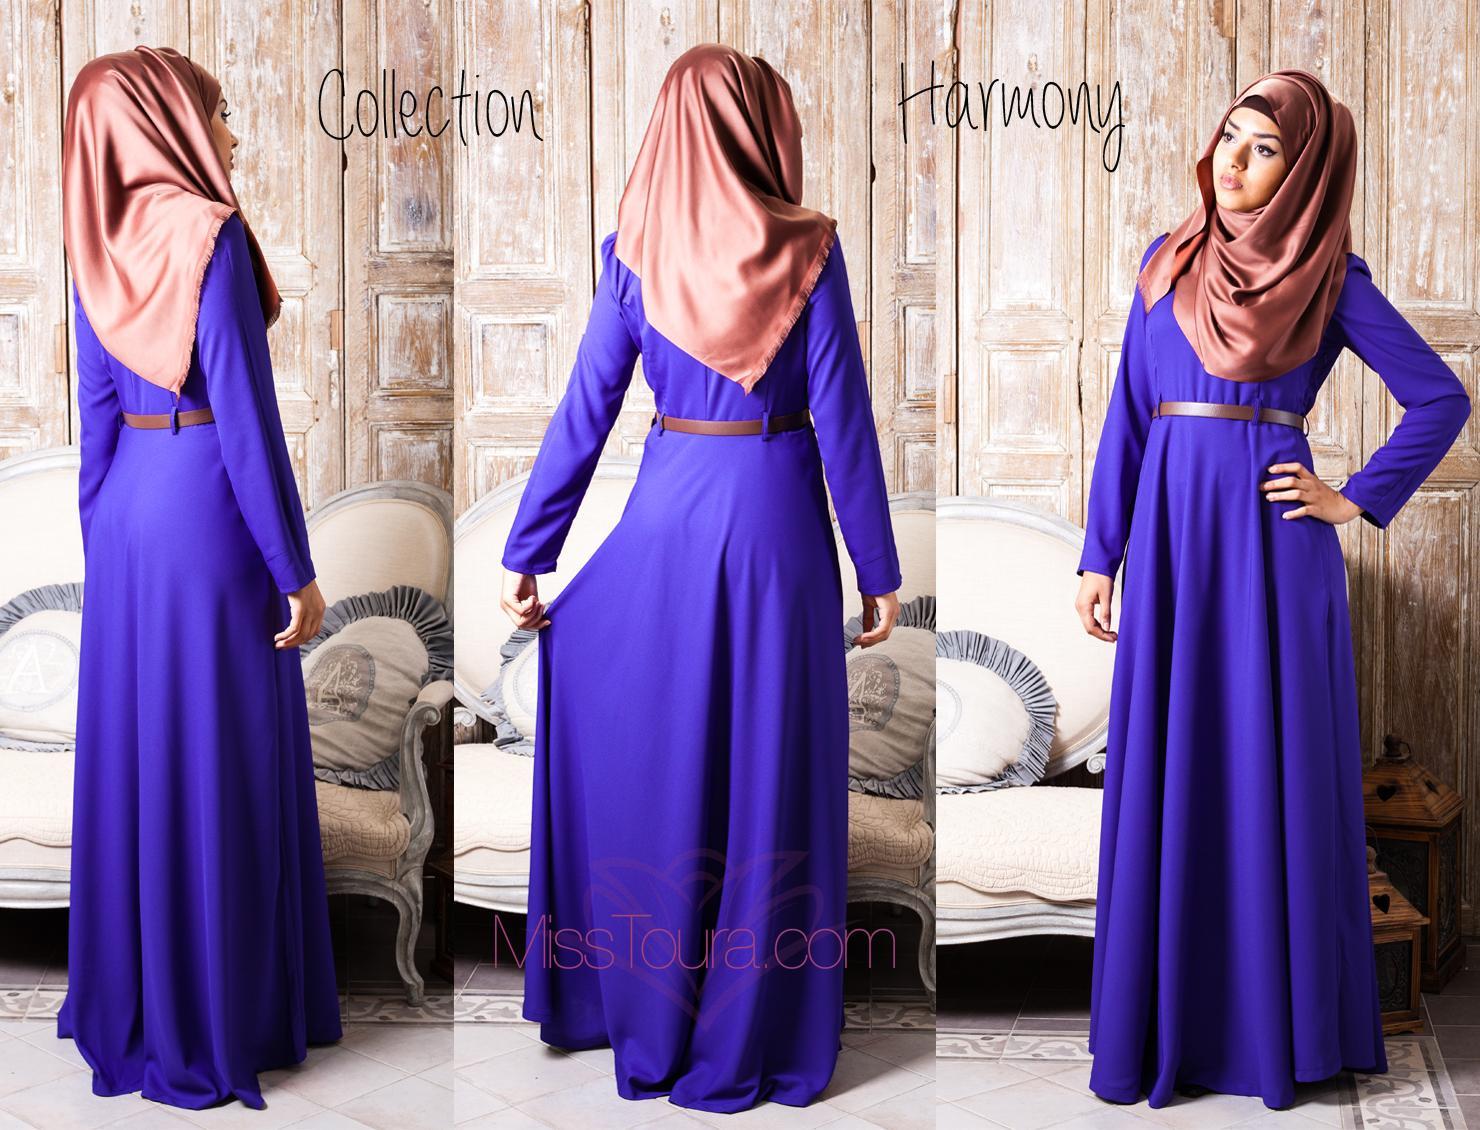 Robe bleu majorelle